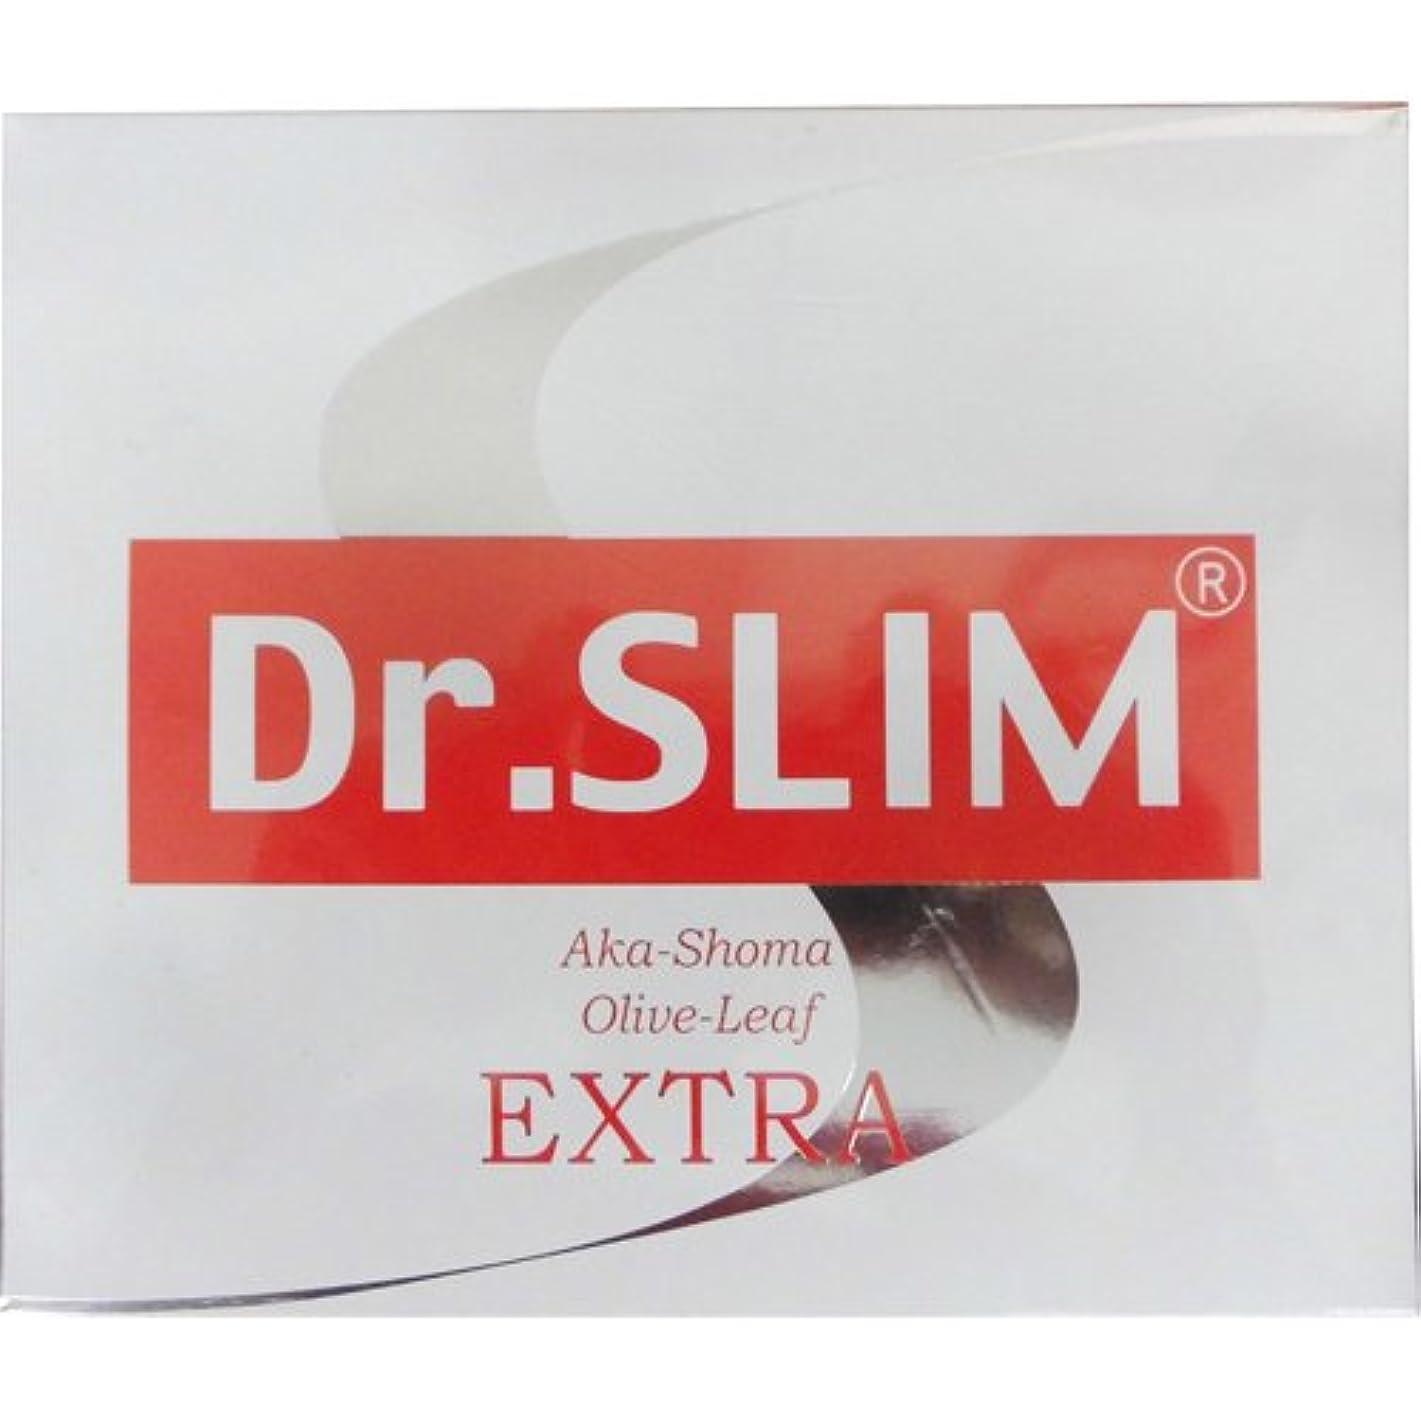 病んでいるリフレッシュ解き明かすドクタースリム オリーブダイエットエクストラ 60粒